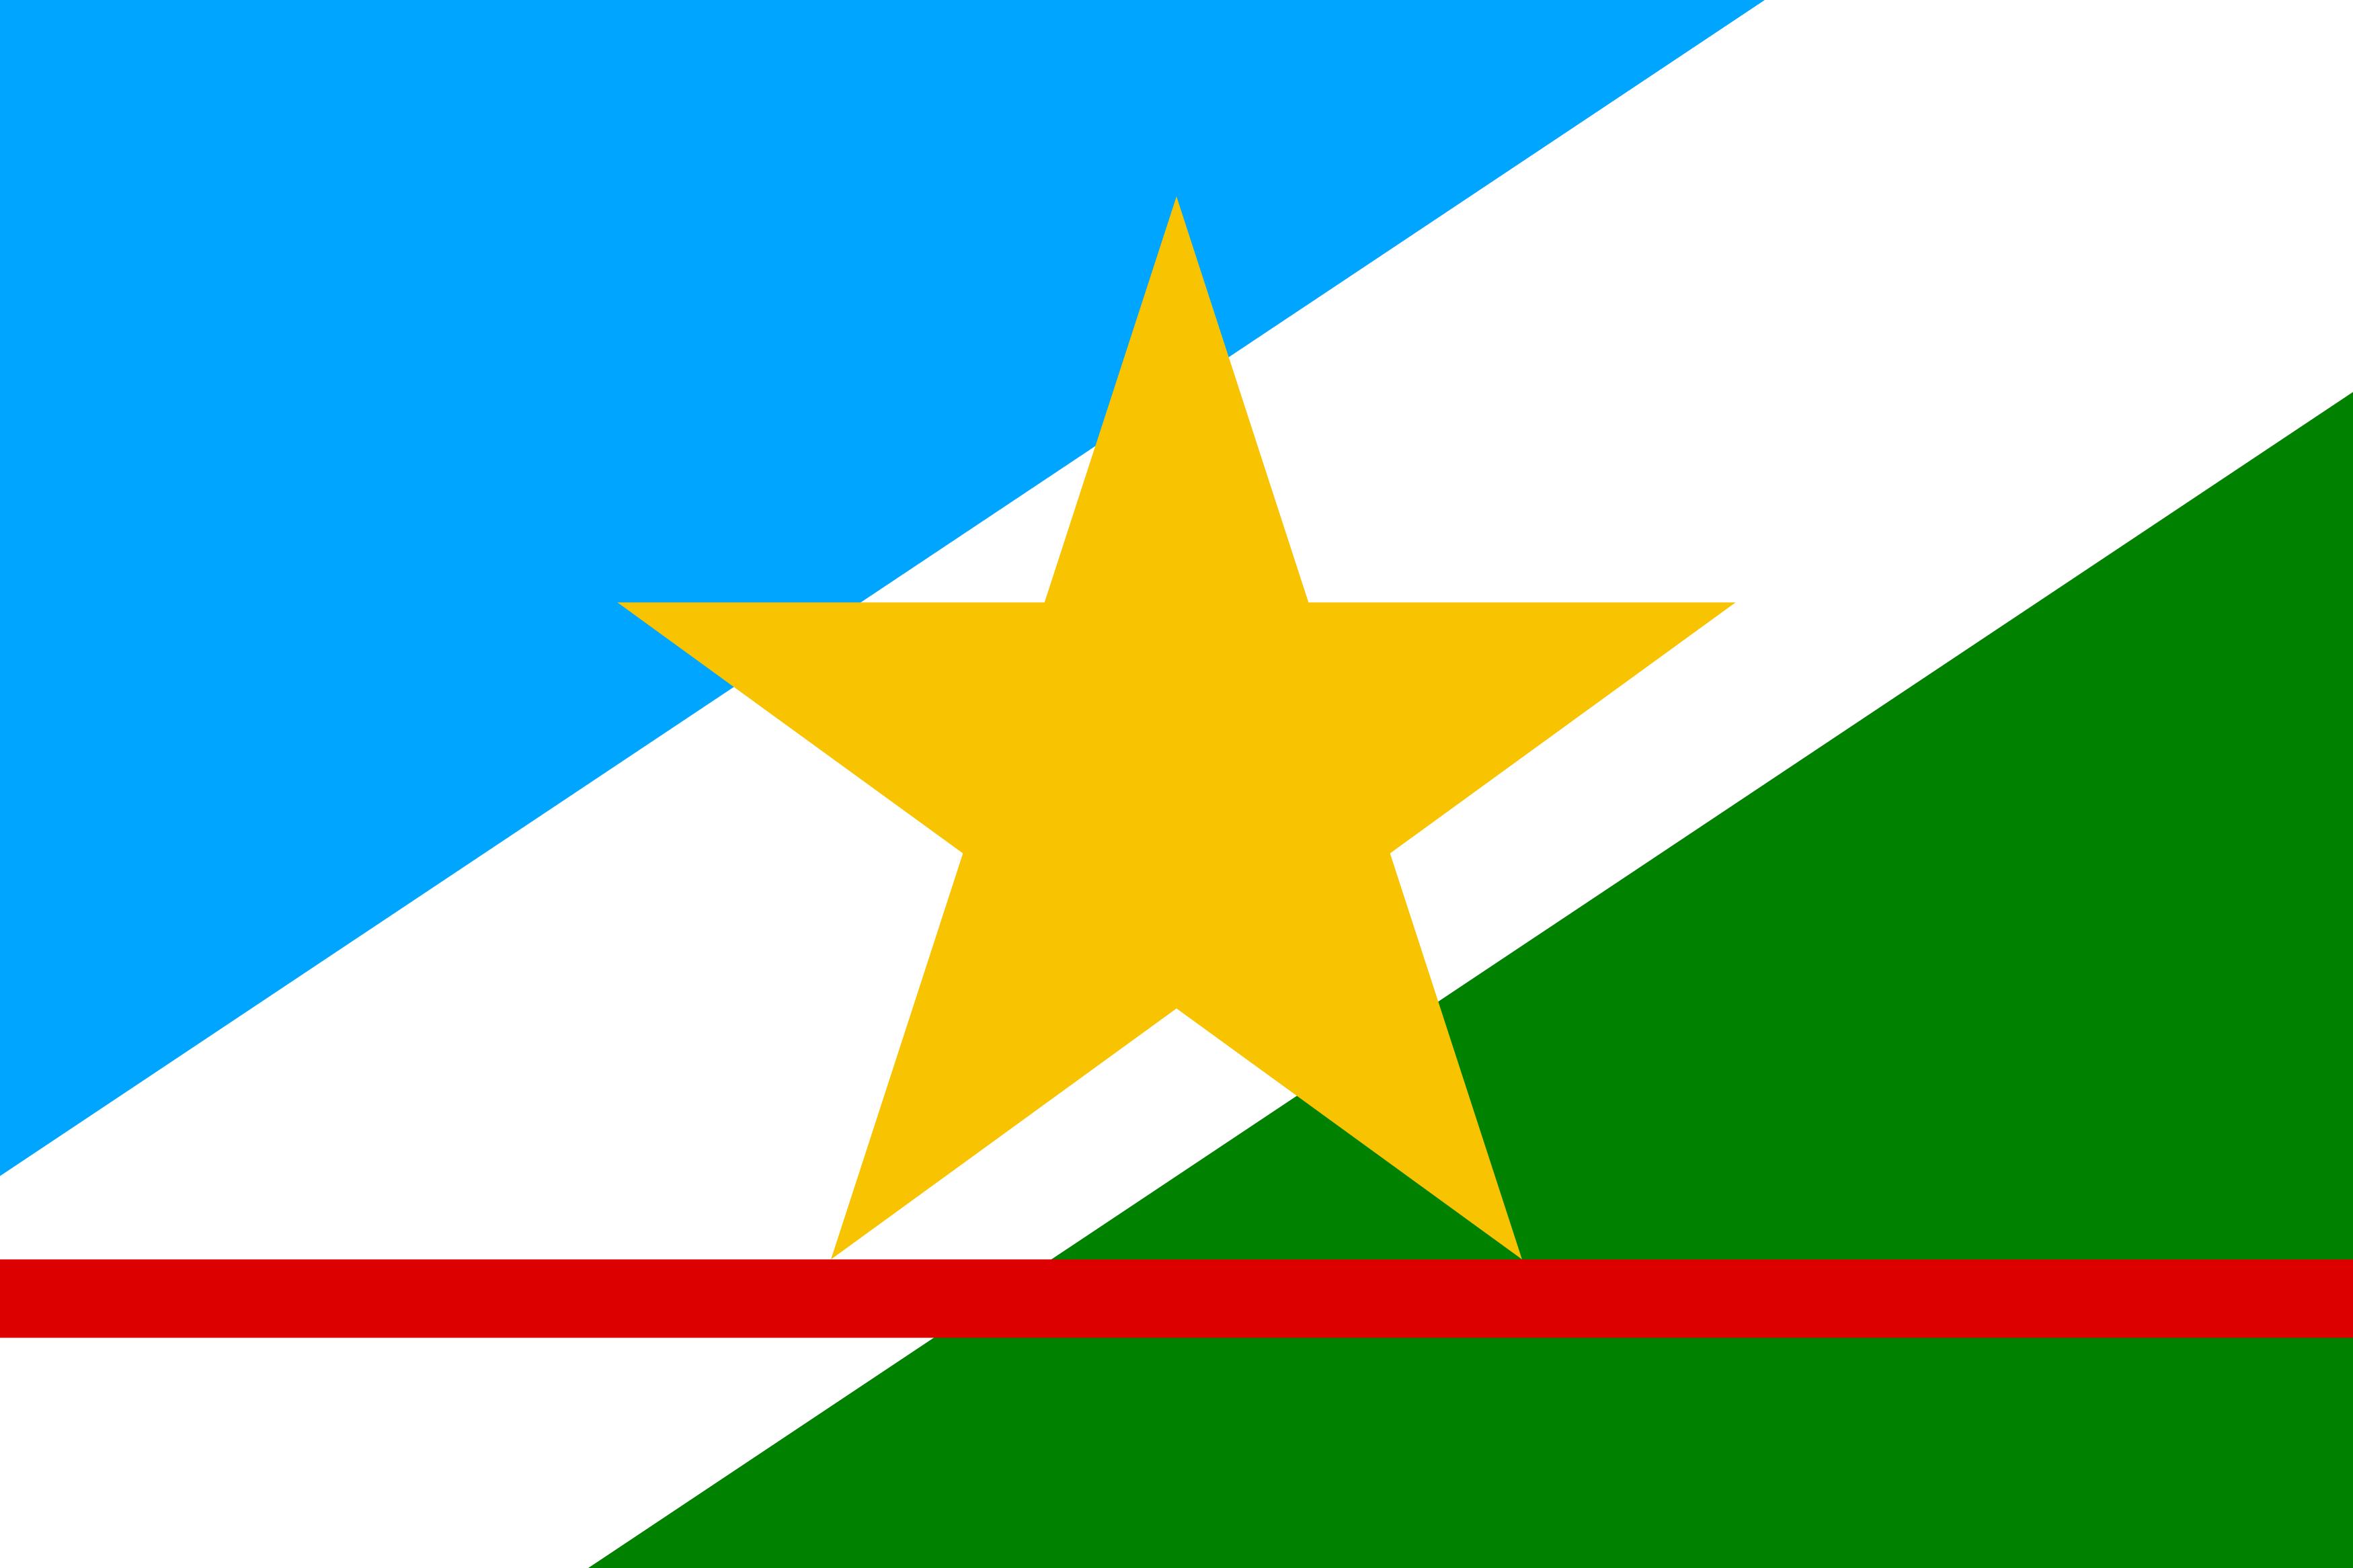 Bandeira de Roraima, estado.